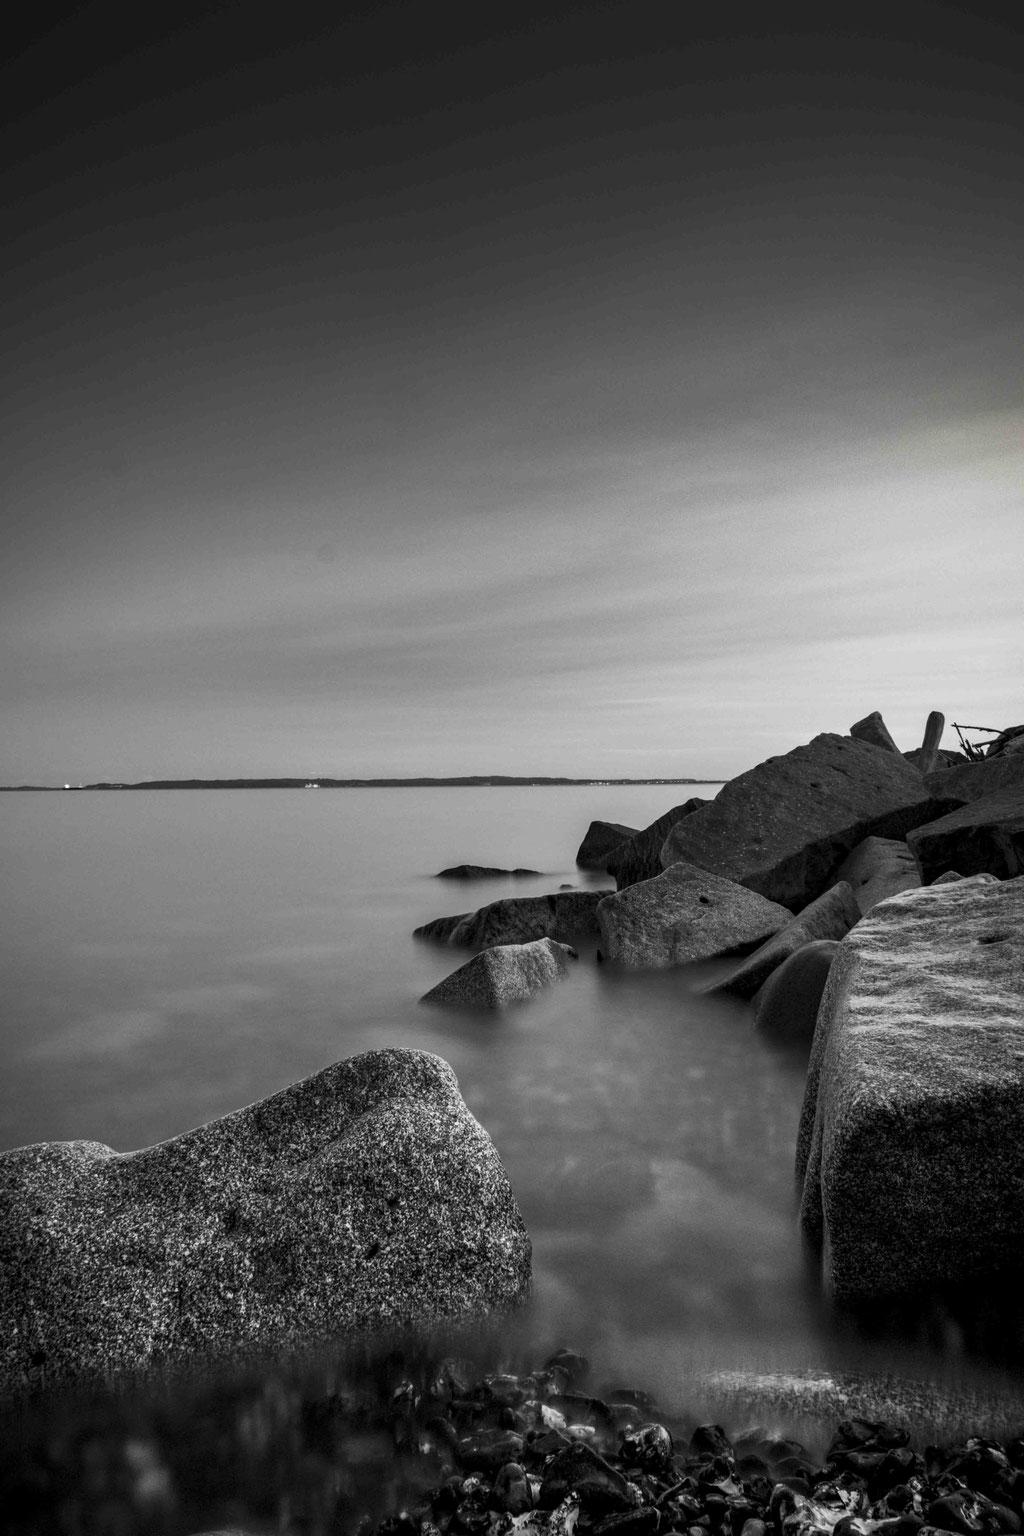 Landschaftsfotografie - Schwarzweisse See mit teilen des Docks